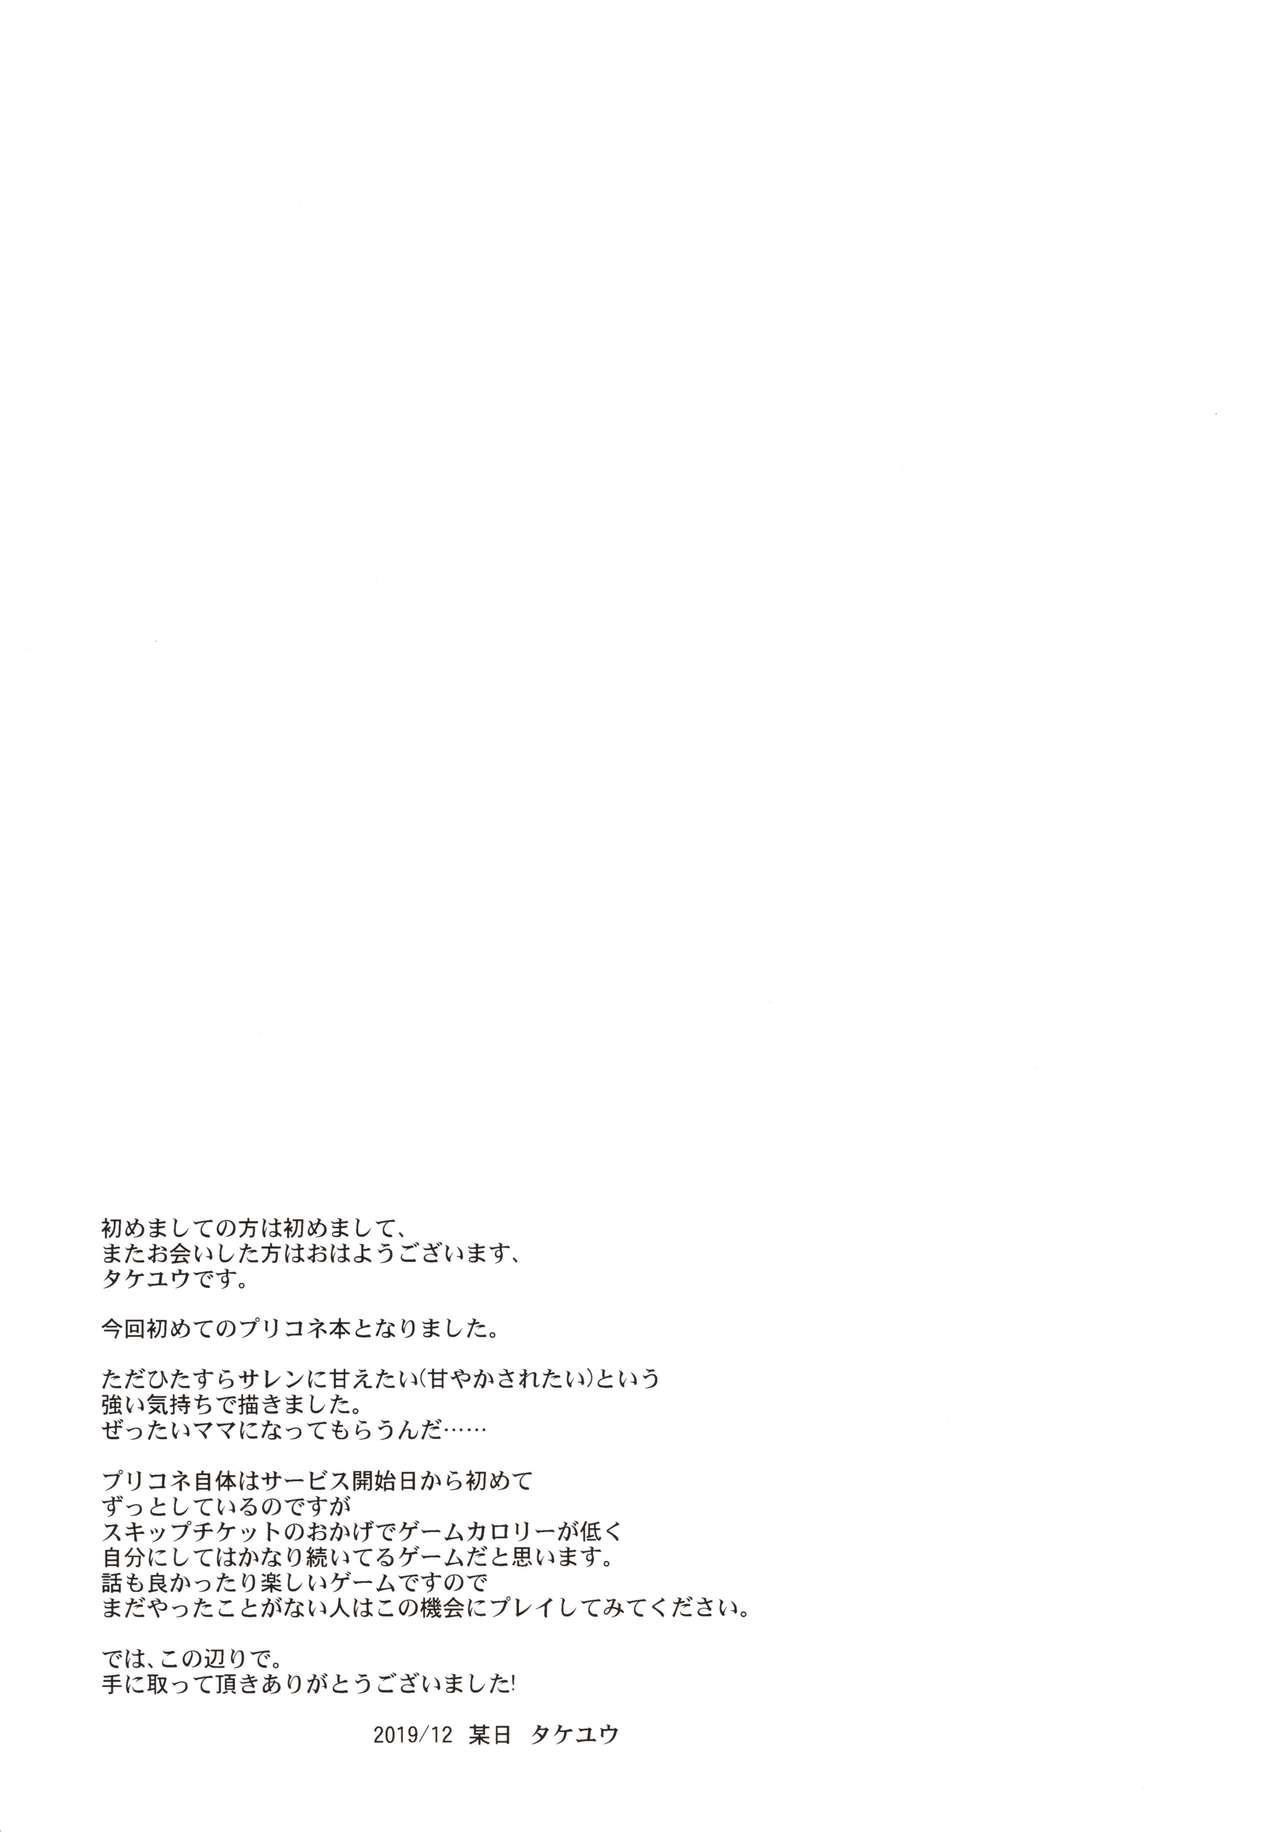 Saren no Yoshi Yoshi Nadenade Iiko 3